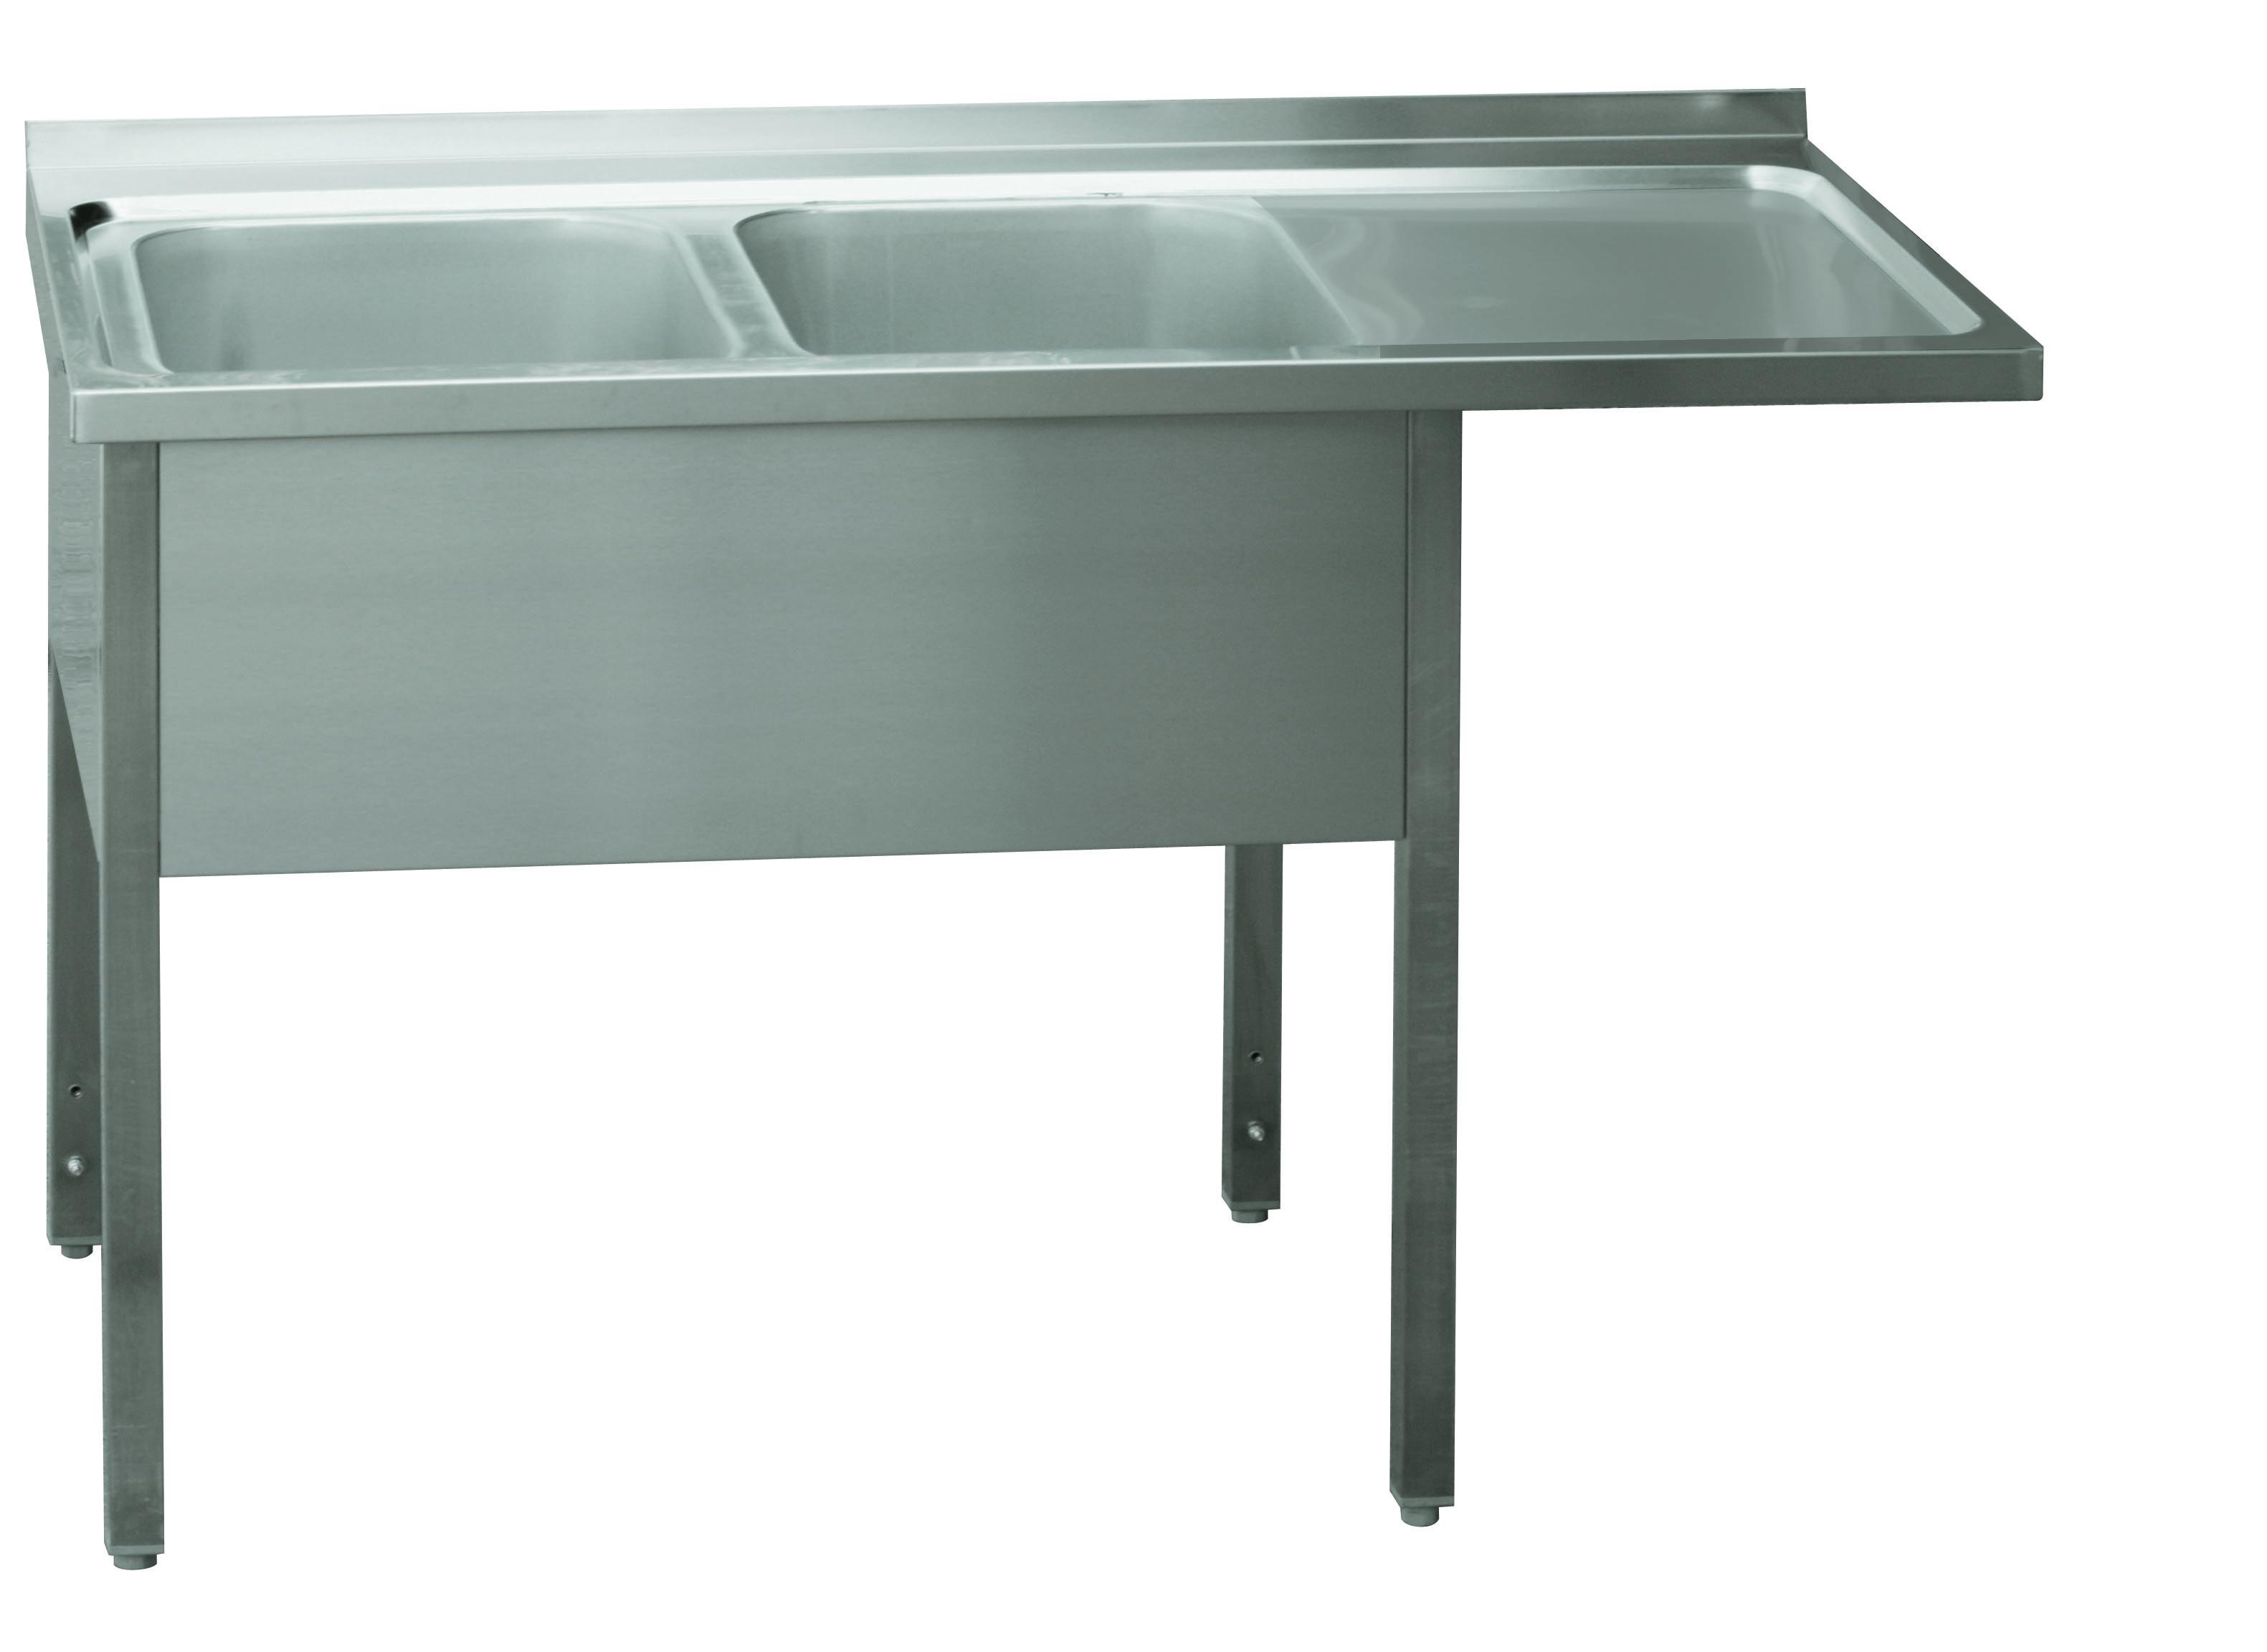 Stůl mycí dvoudřez MSDOP/M 210x70x90 REDFOX